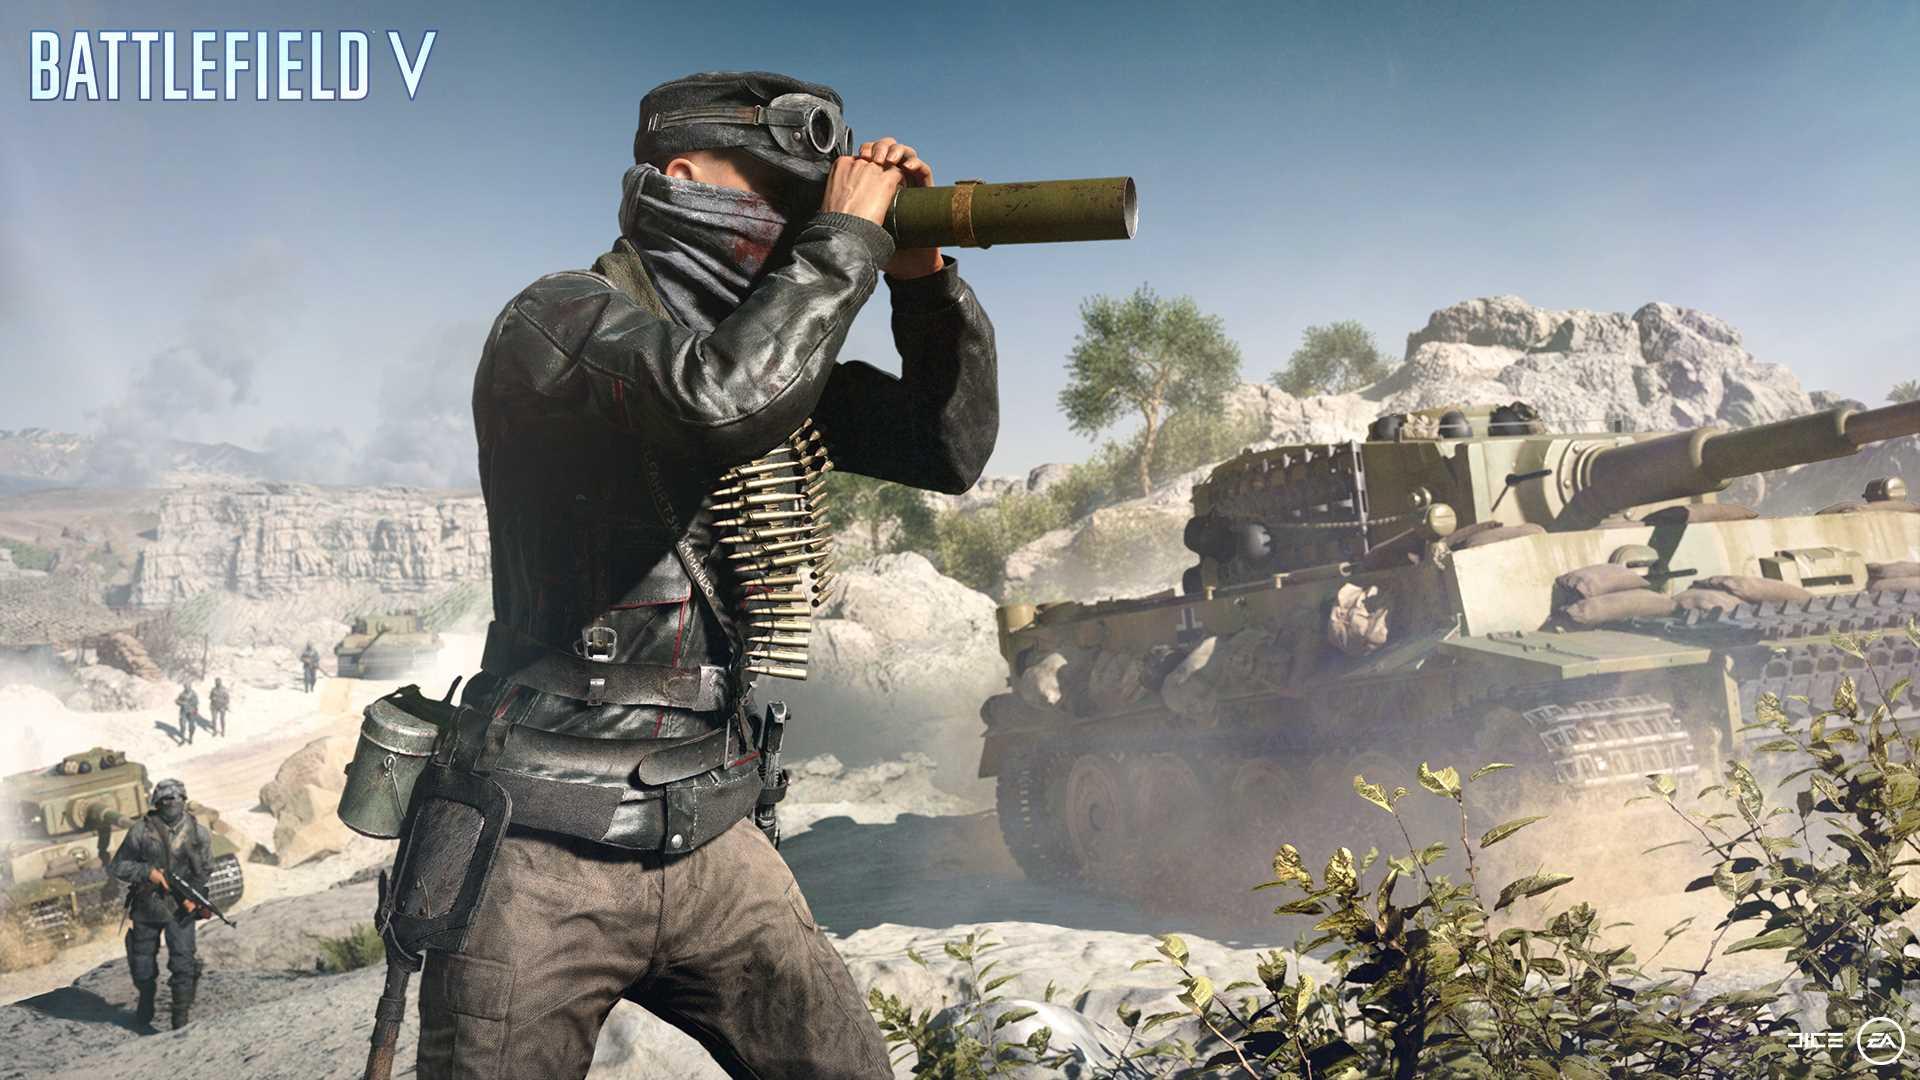 На иллюстрации изображена сцена из игры Battlefield V: разведчик изучает поле боя и помечает противников для своей команды на фоне танков и других членов команды